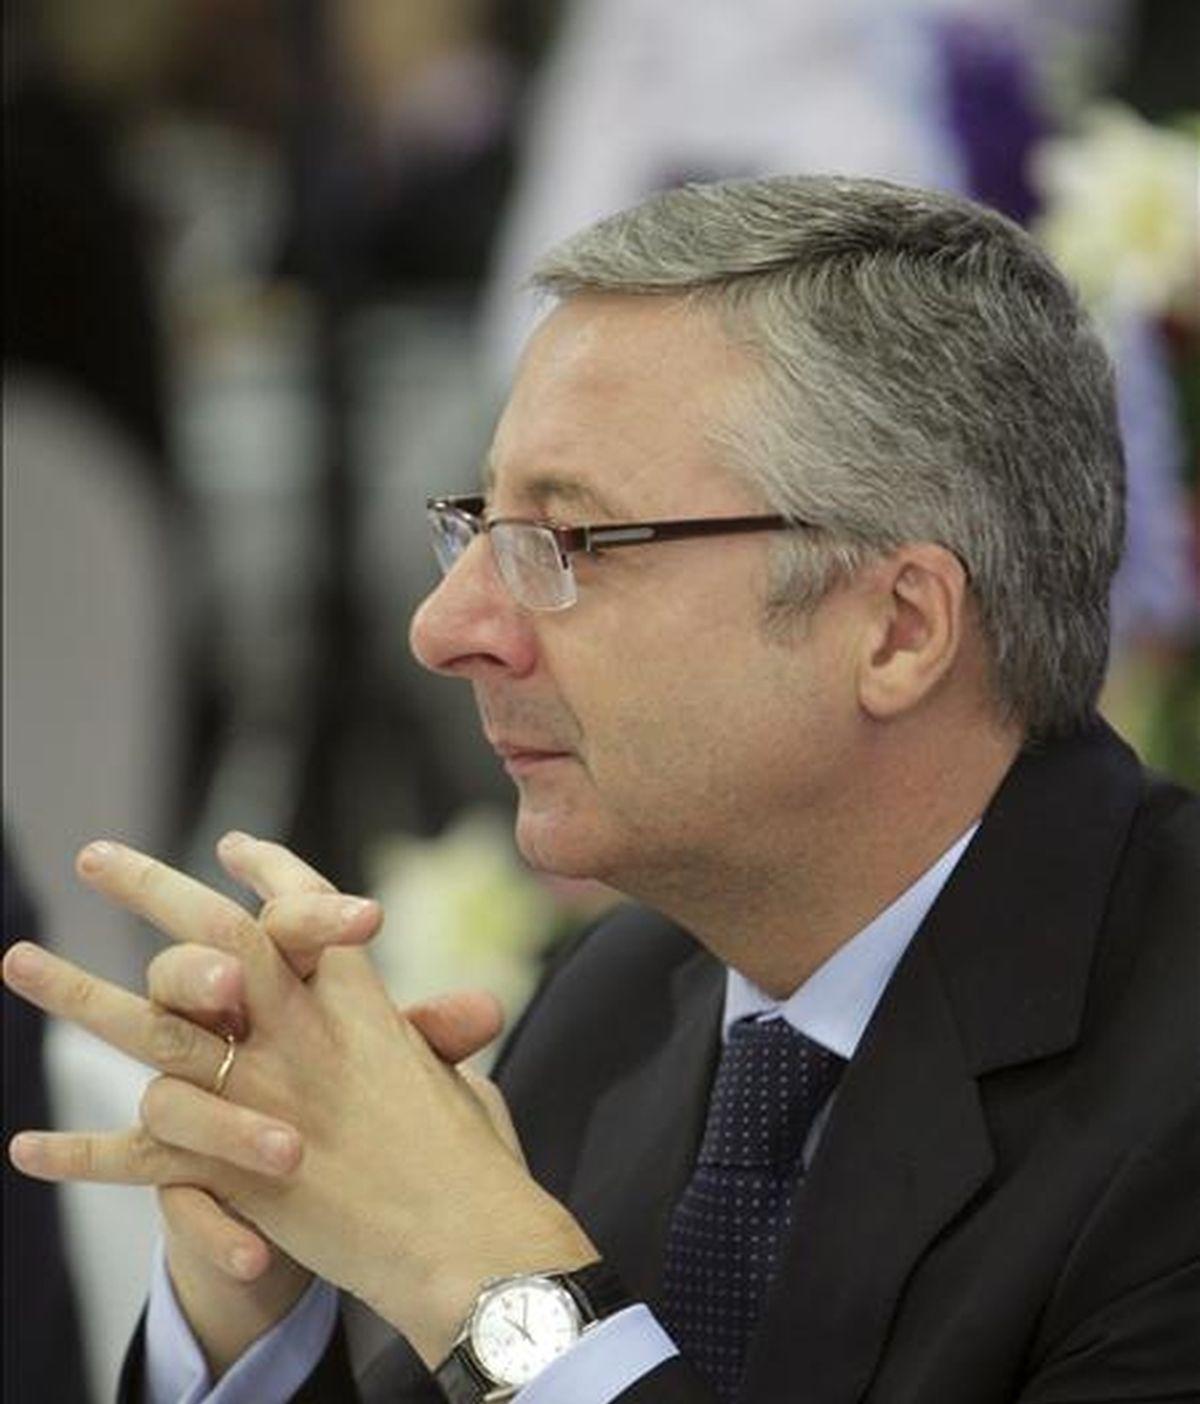 El ministro de Fomento, José Blanco, antes de la conferencia que pronunció hoy en un acto organizado por Nueva Economía Fórum con la colaboración del Wall Street Journal. EFE